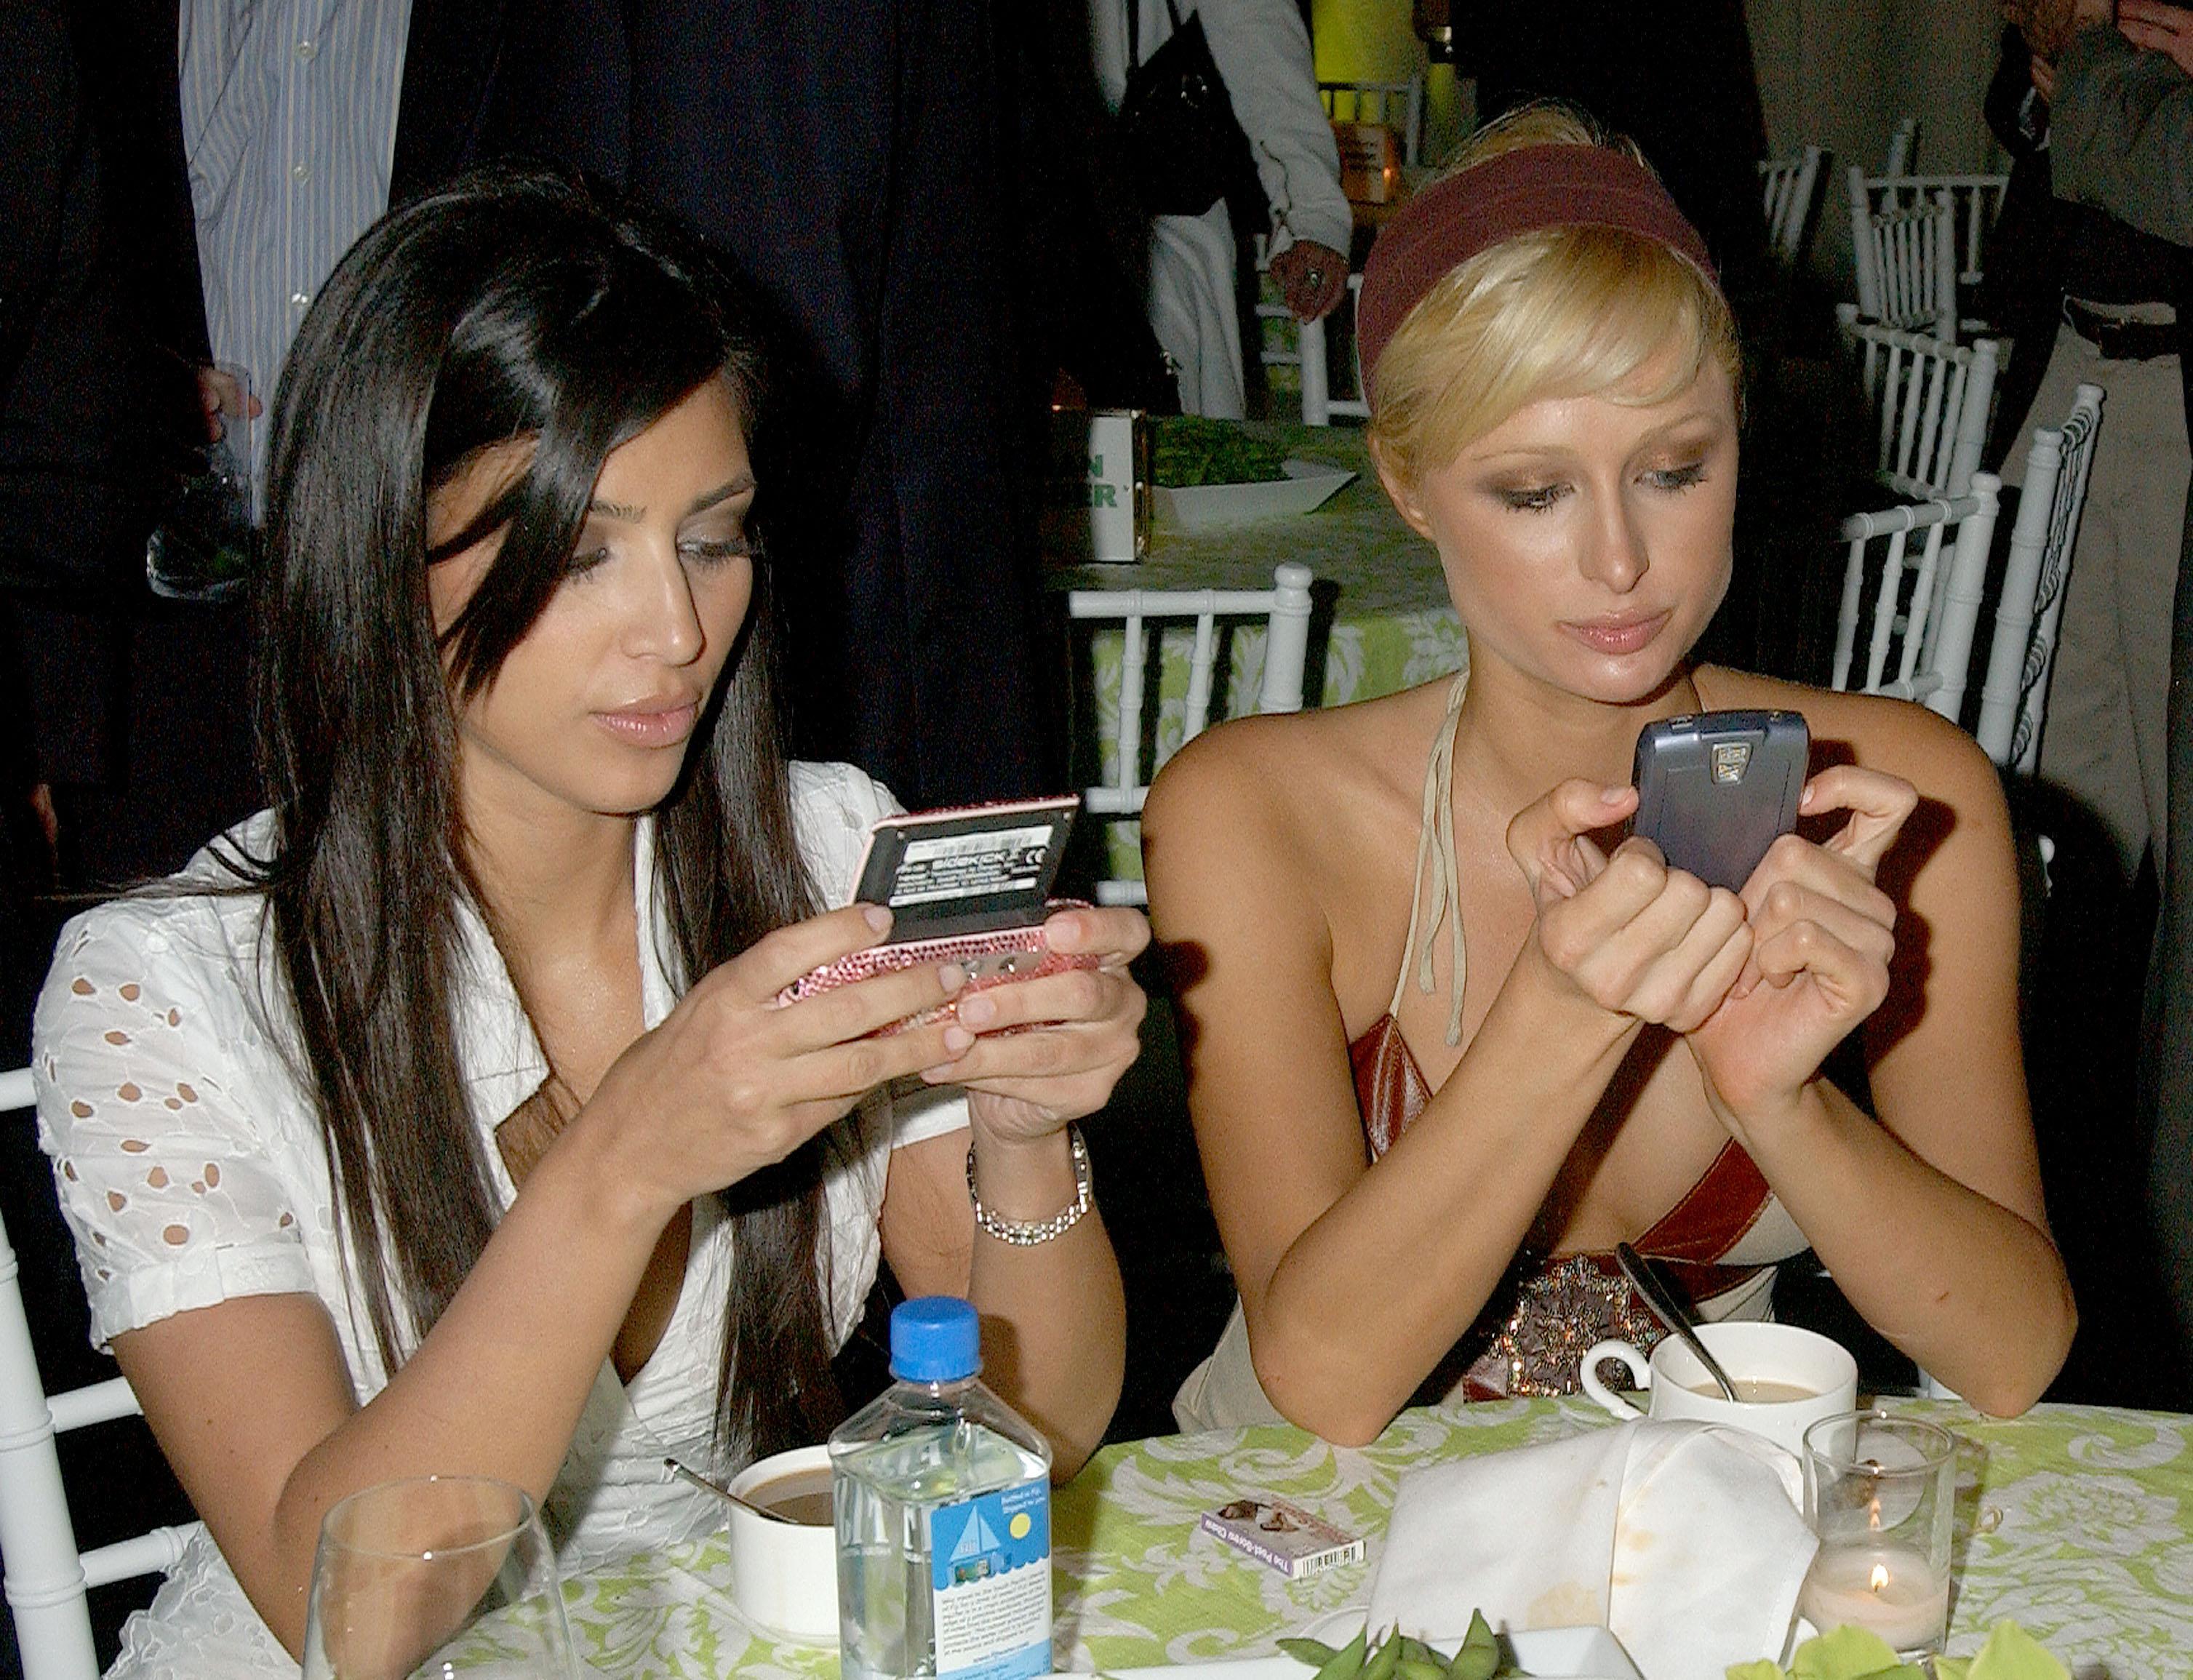 Kim Kardashian and Paris Hilton at the LA premiere of Entourage in 2006.